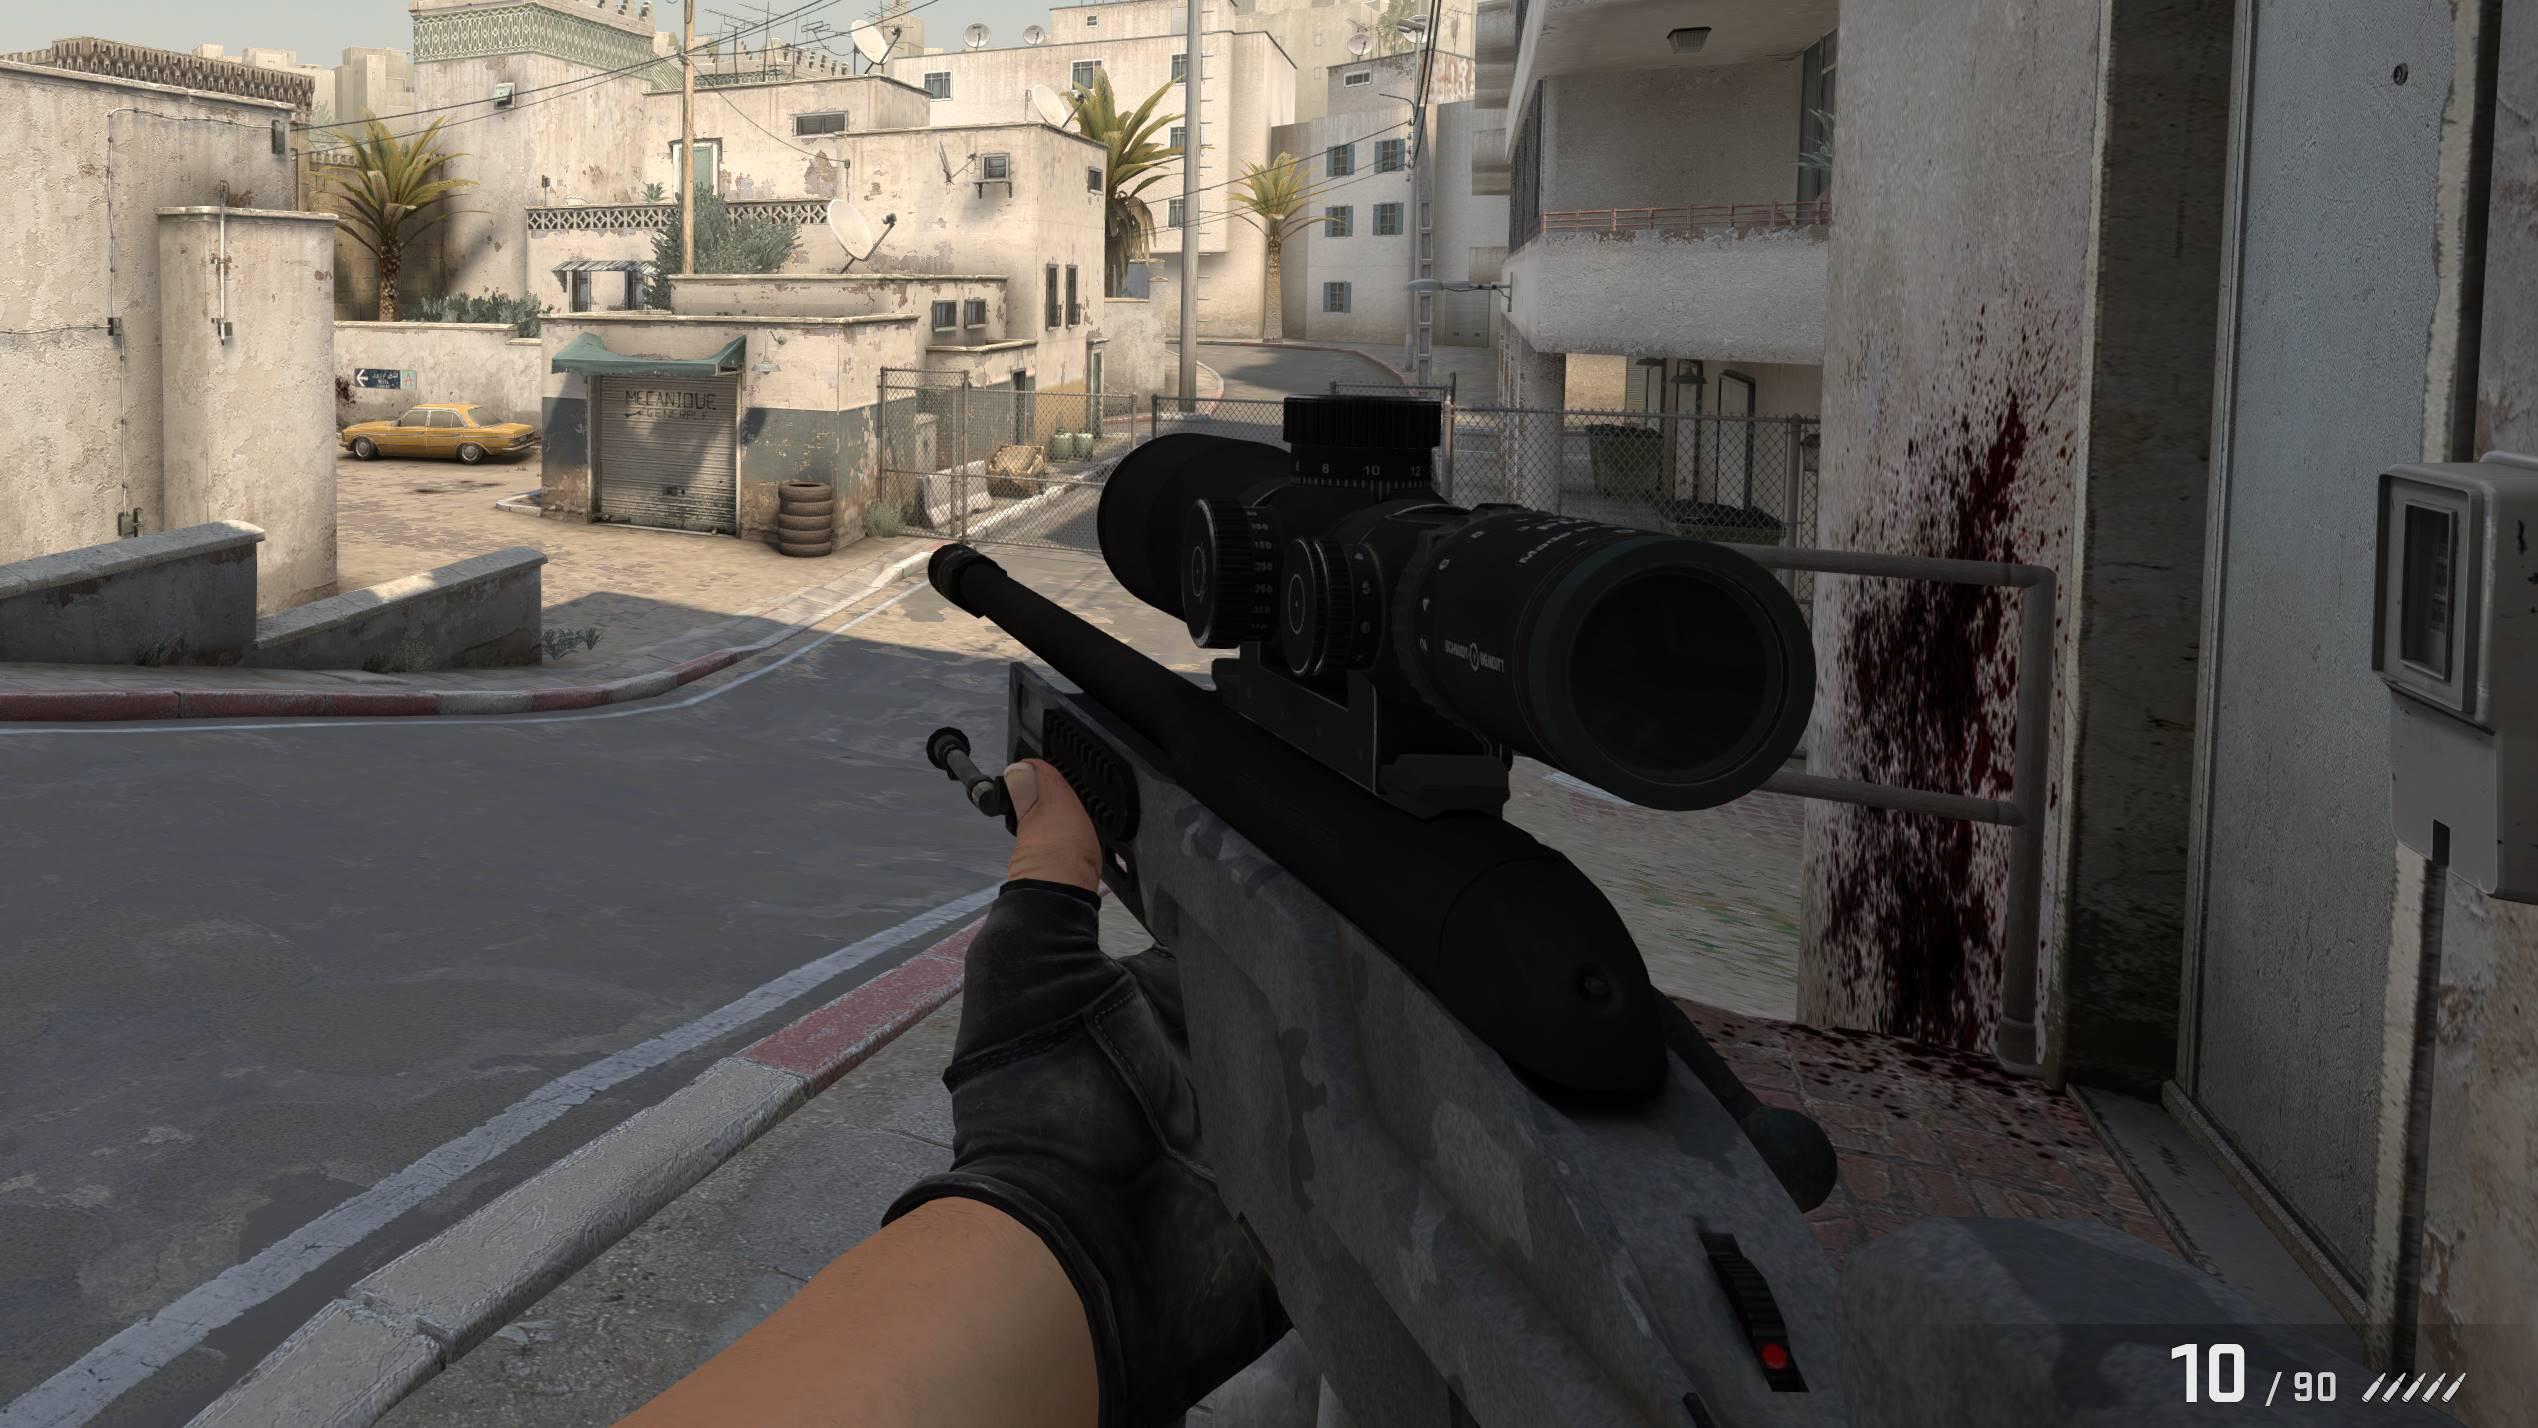 Bildausschnitt aus meiner Lieblingsmap Dust 2 als Terrorist. (Bild: Philipp)